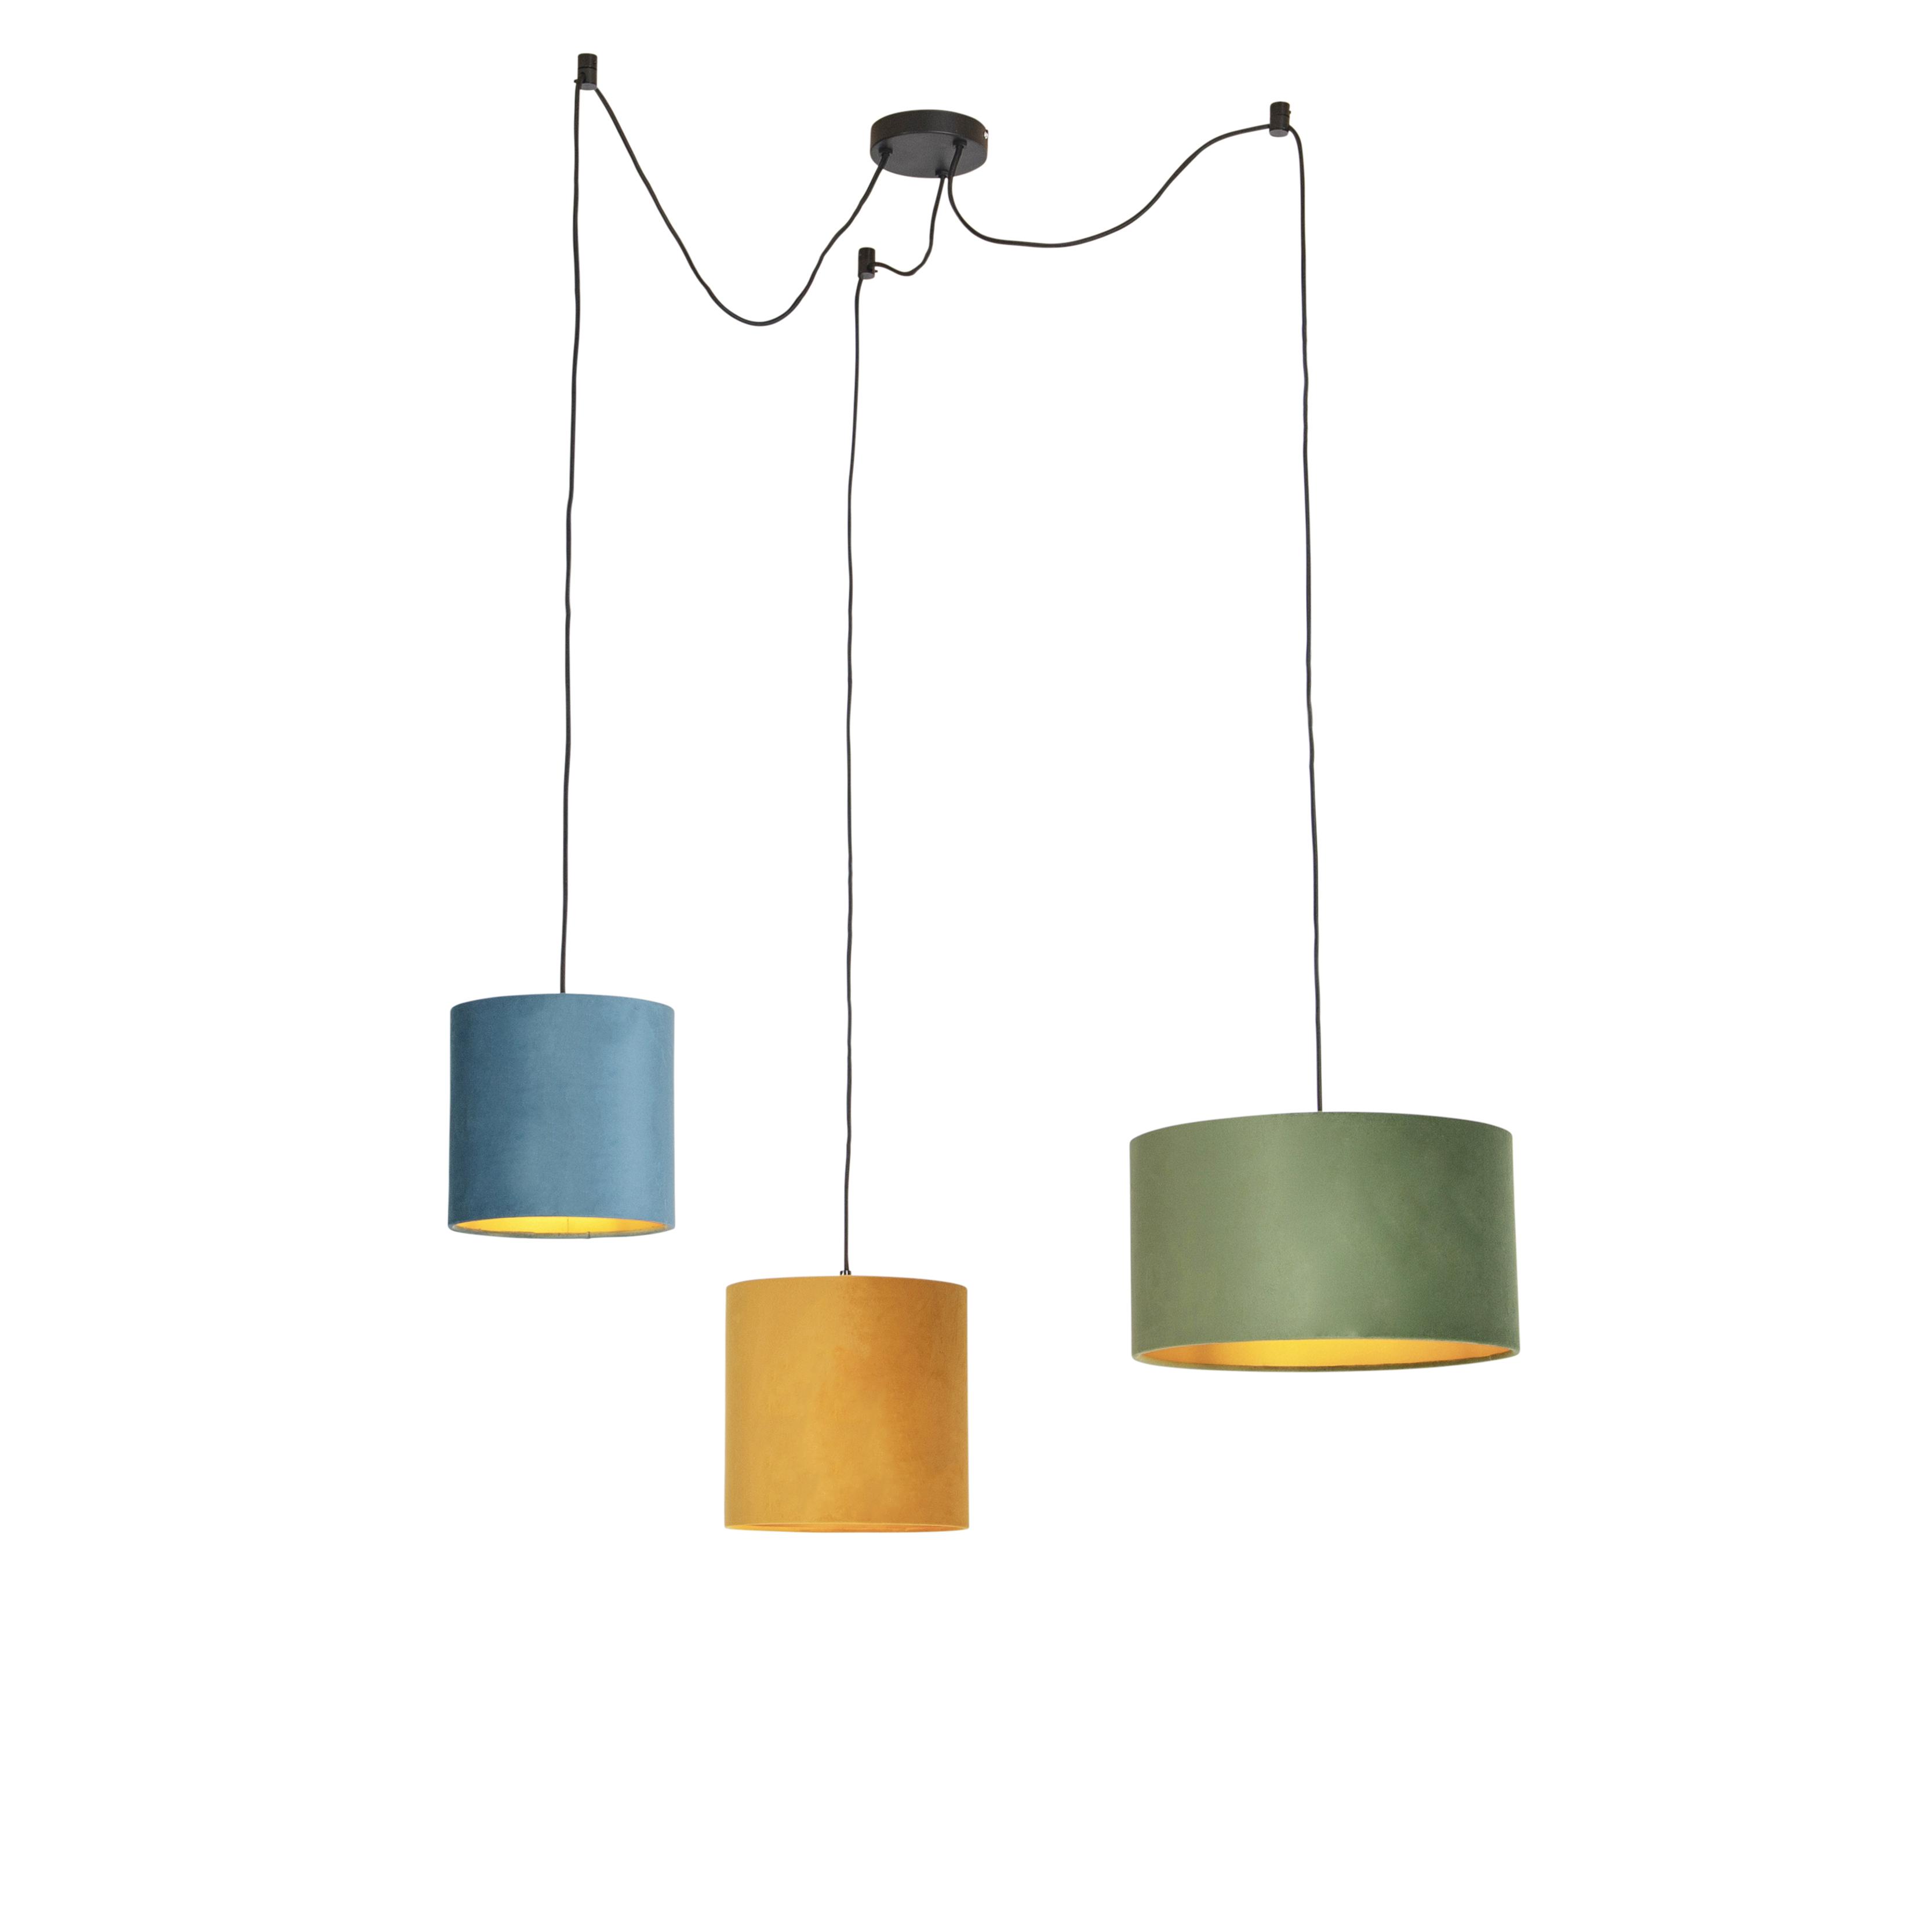 Hanglamp met velours kappen groen, geel en blauw - Cava